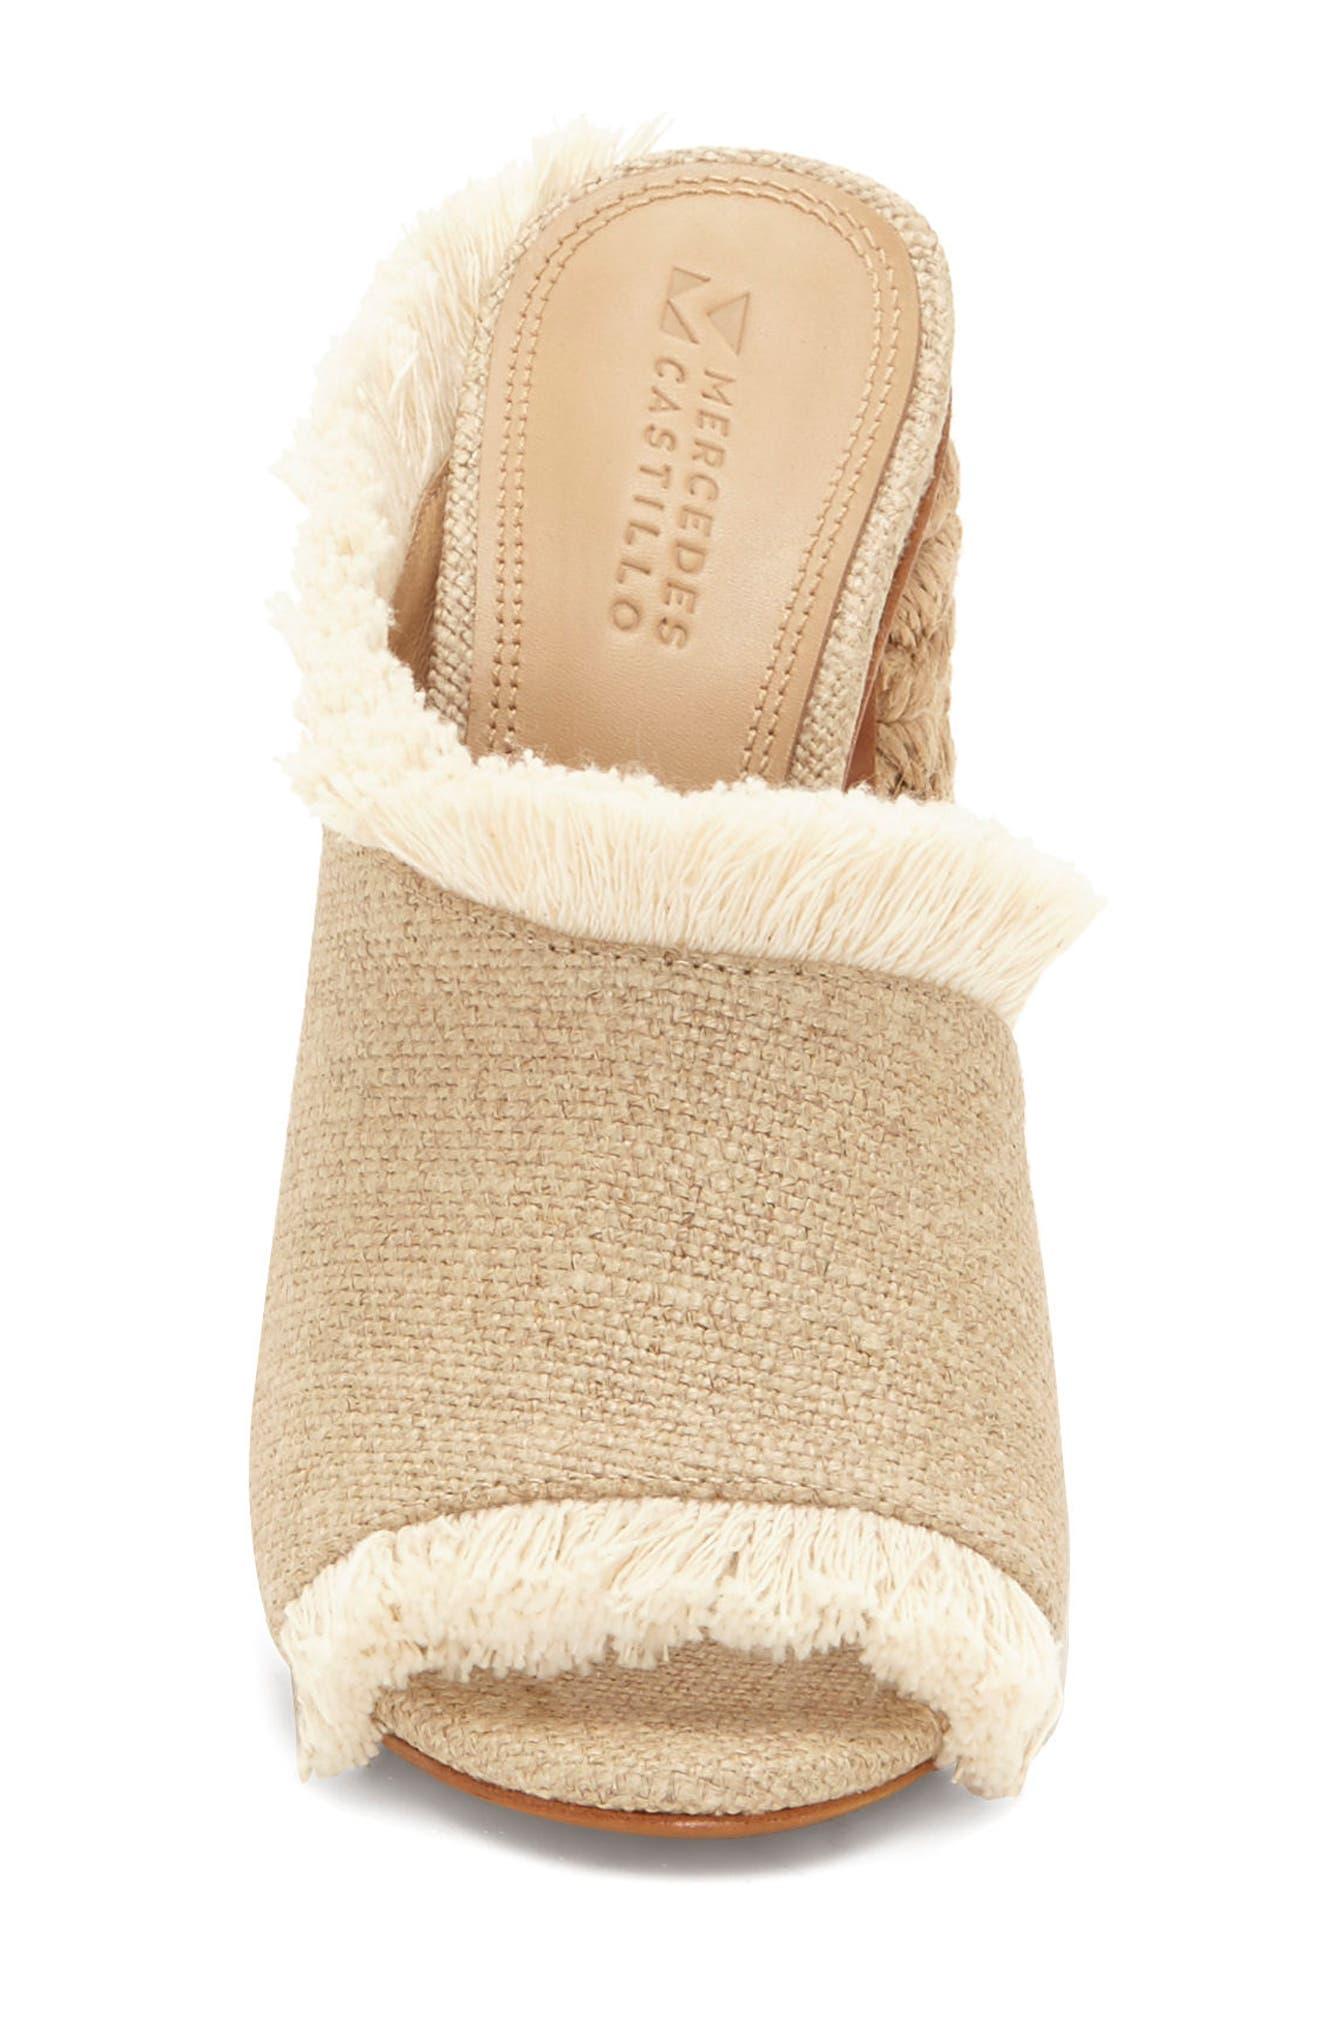 Izar Fringe Asymmetrical Sandal,                             Alternate thumbnail 4, color,                             250